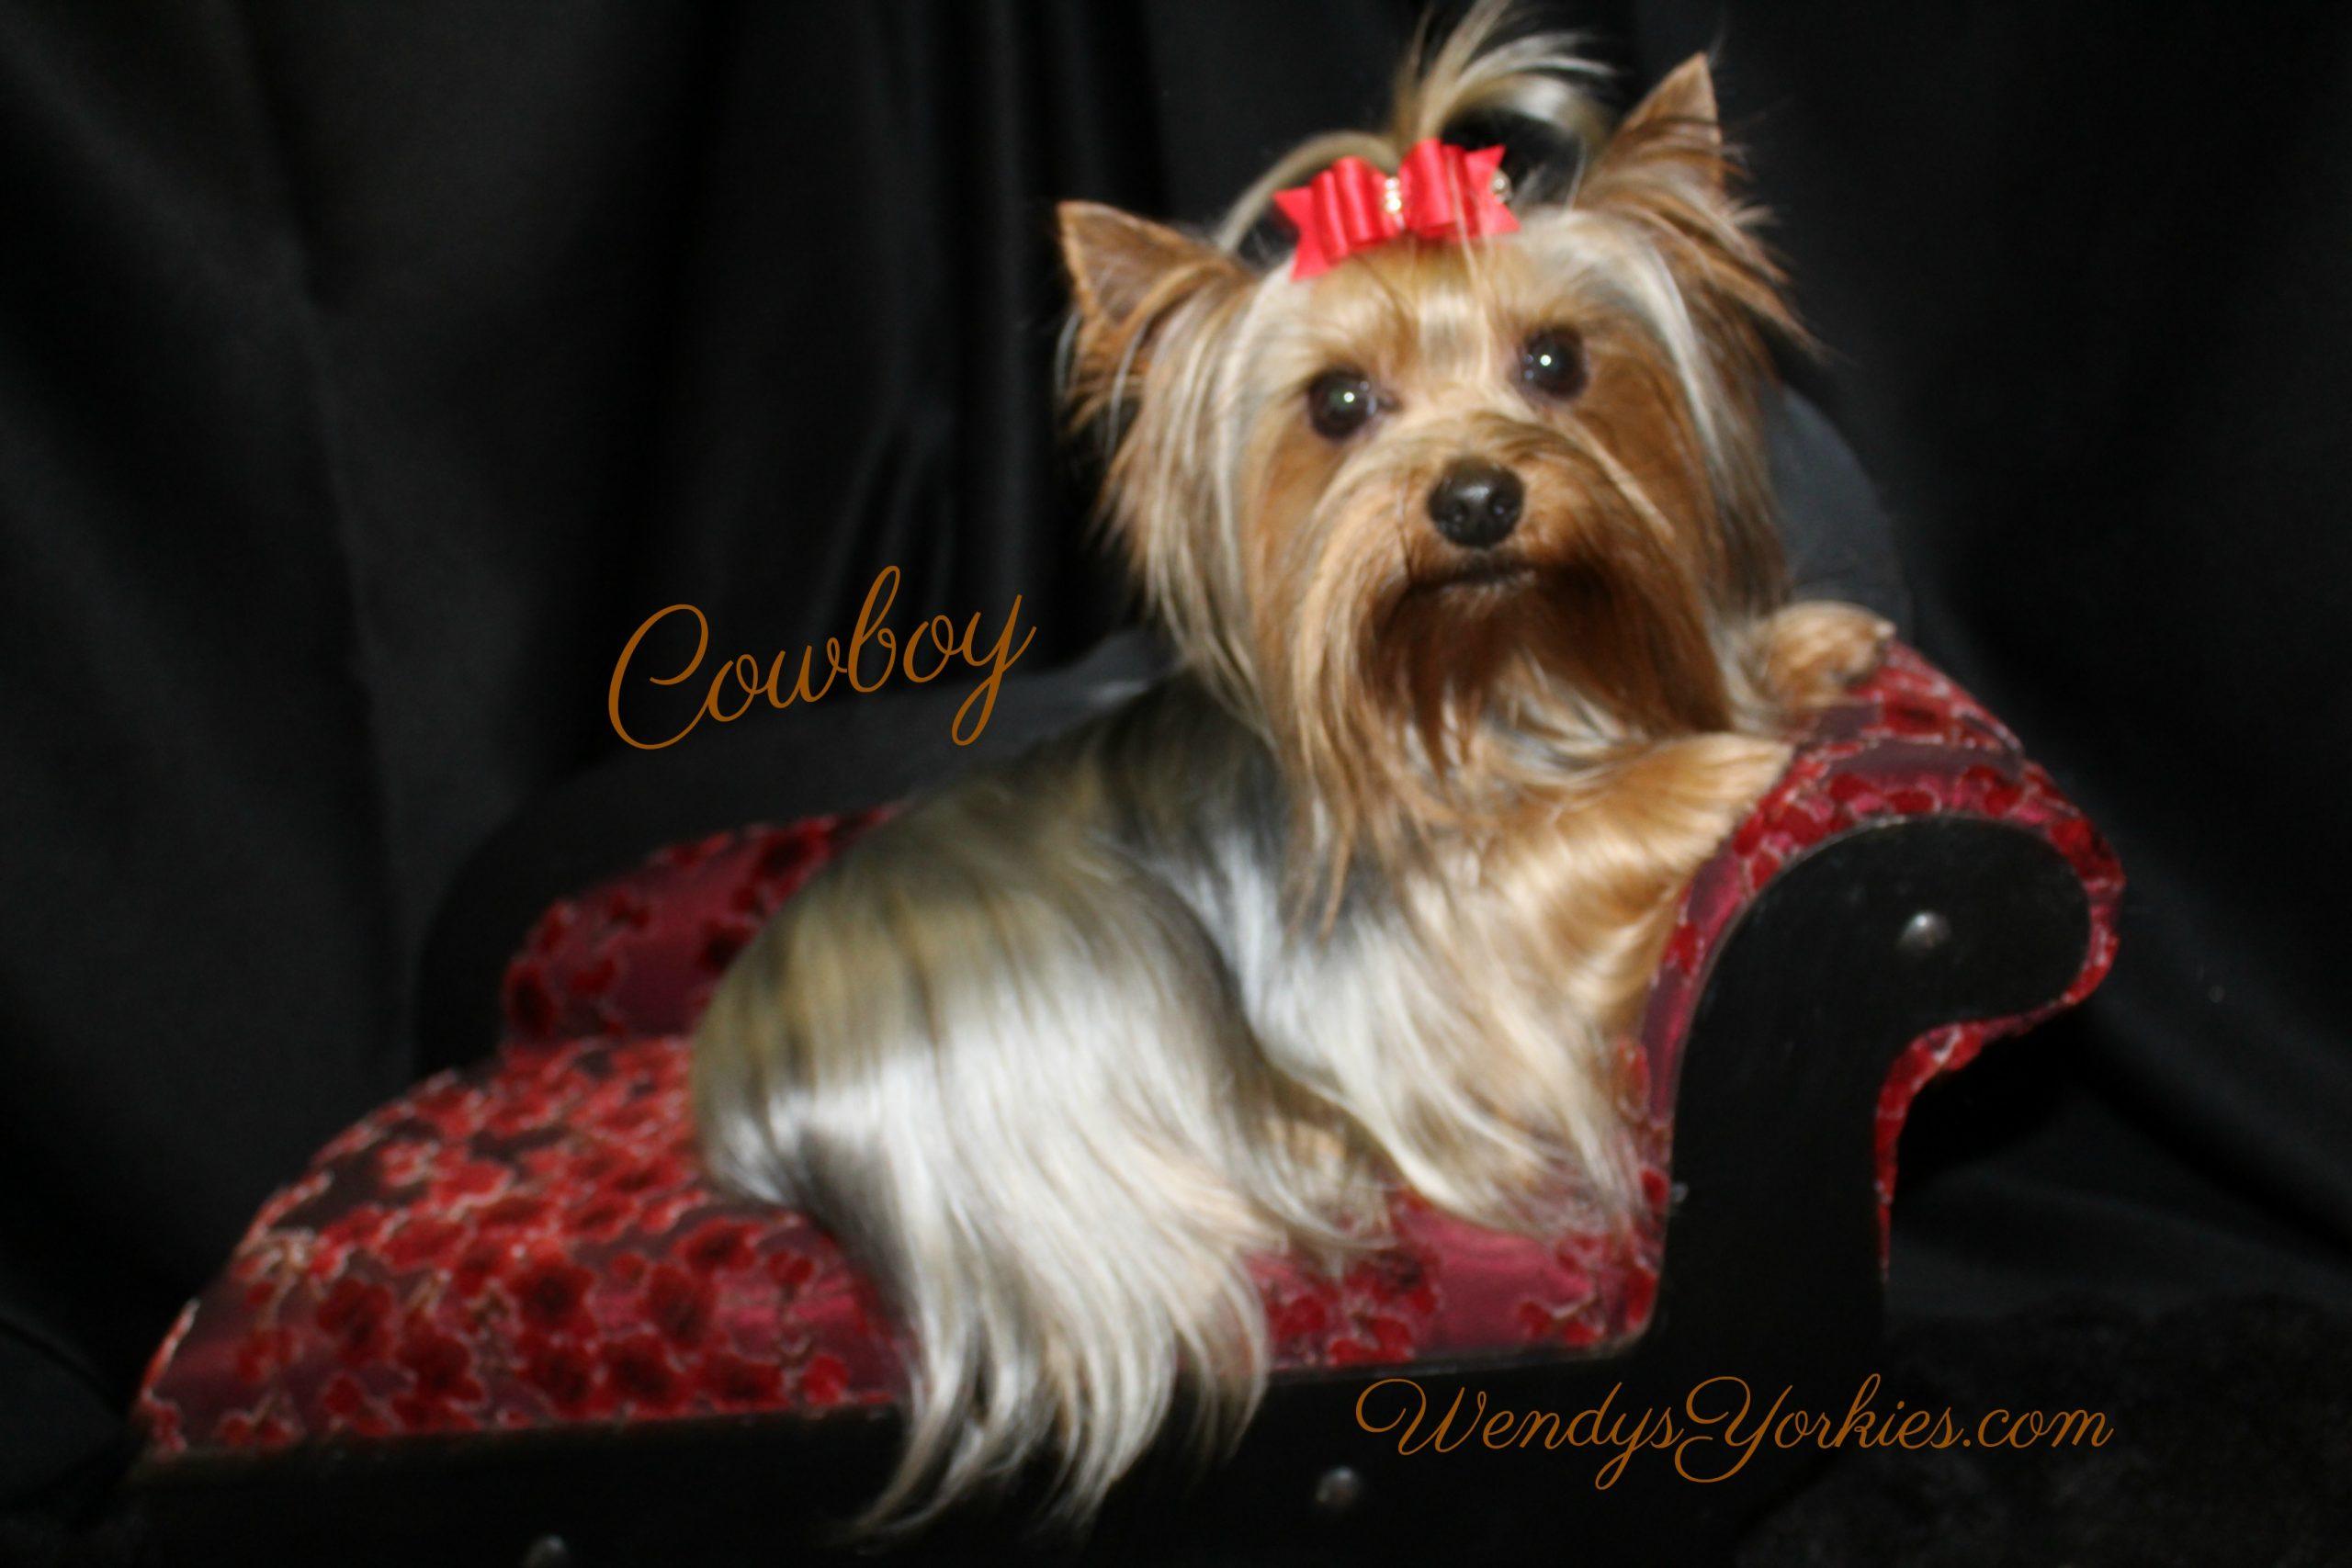 Tiny Male Yorkie, Cowboy, WendysYorkies.com